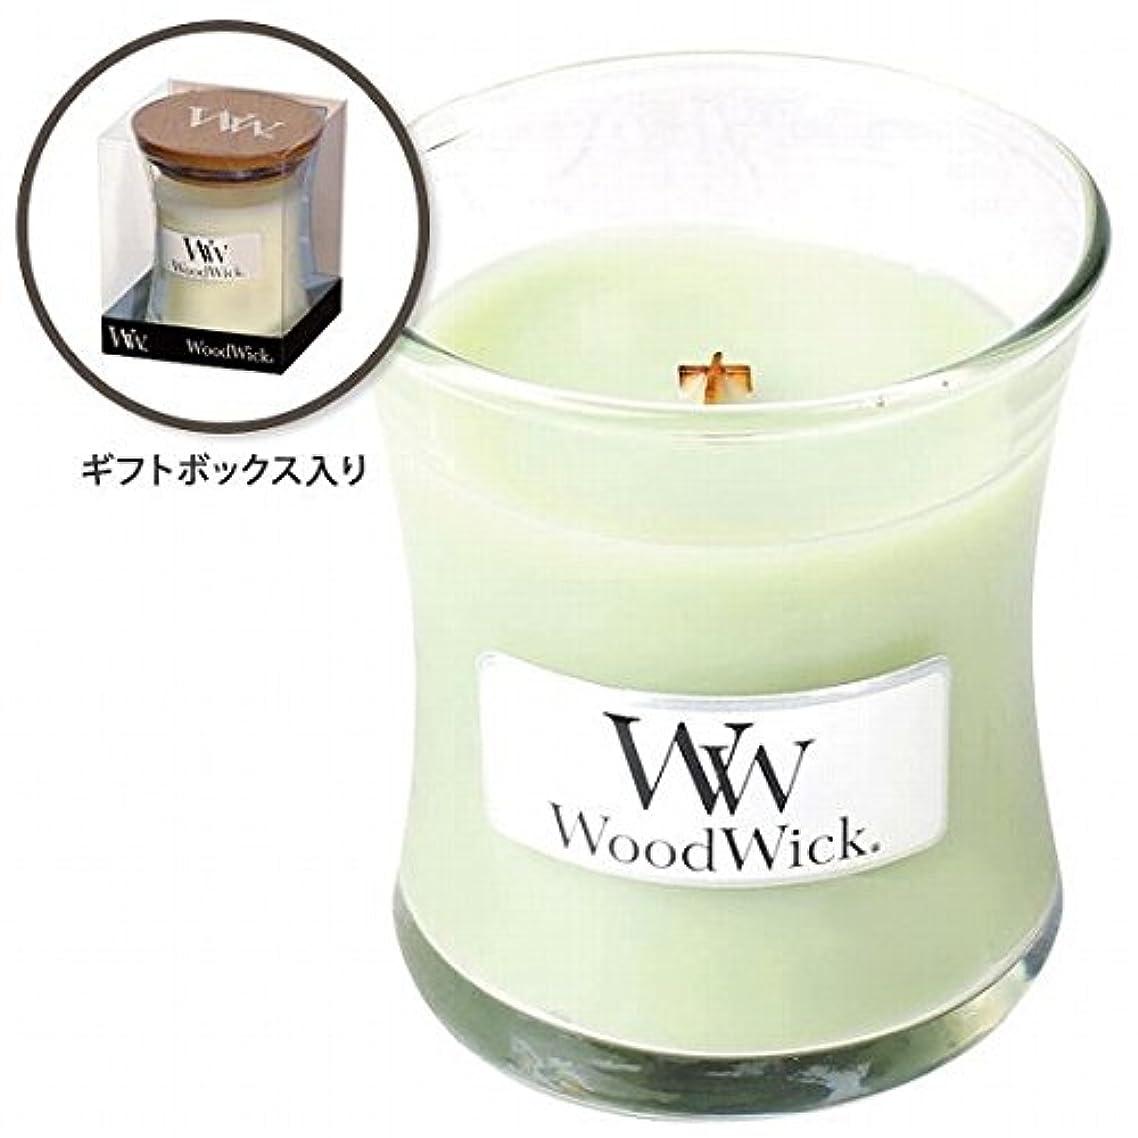 障害知事飛躍ウッドウィック( WoodWick ) Wood WickジャーS 「ライムジェラート」